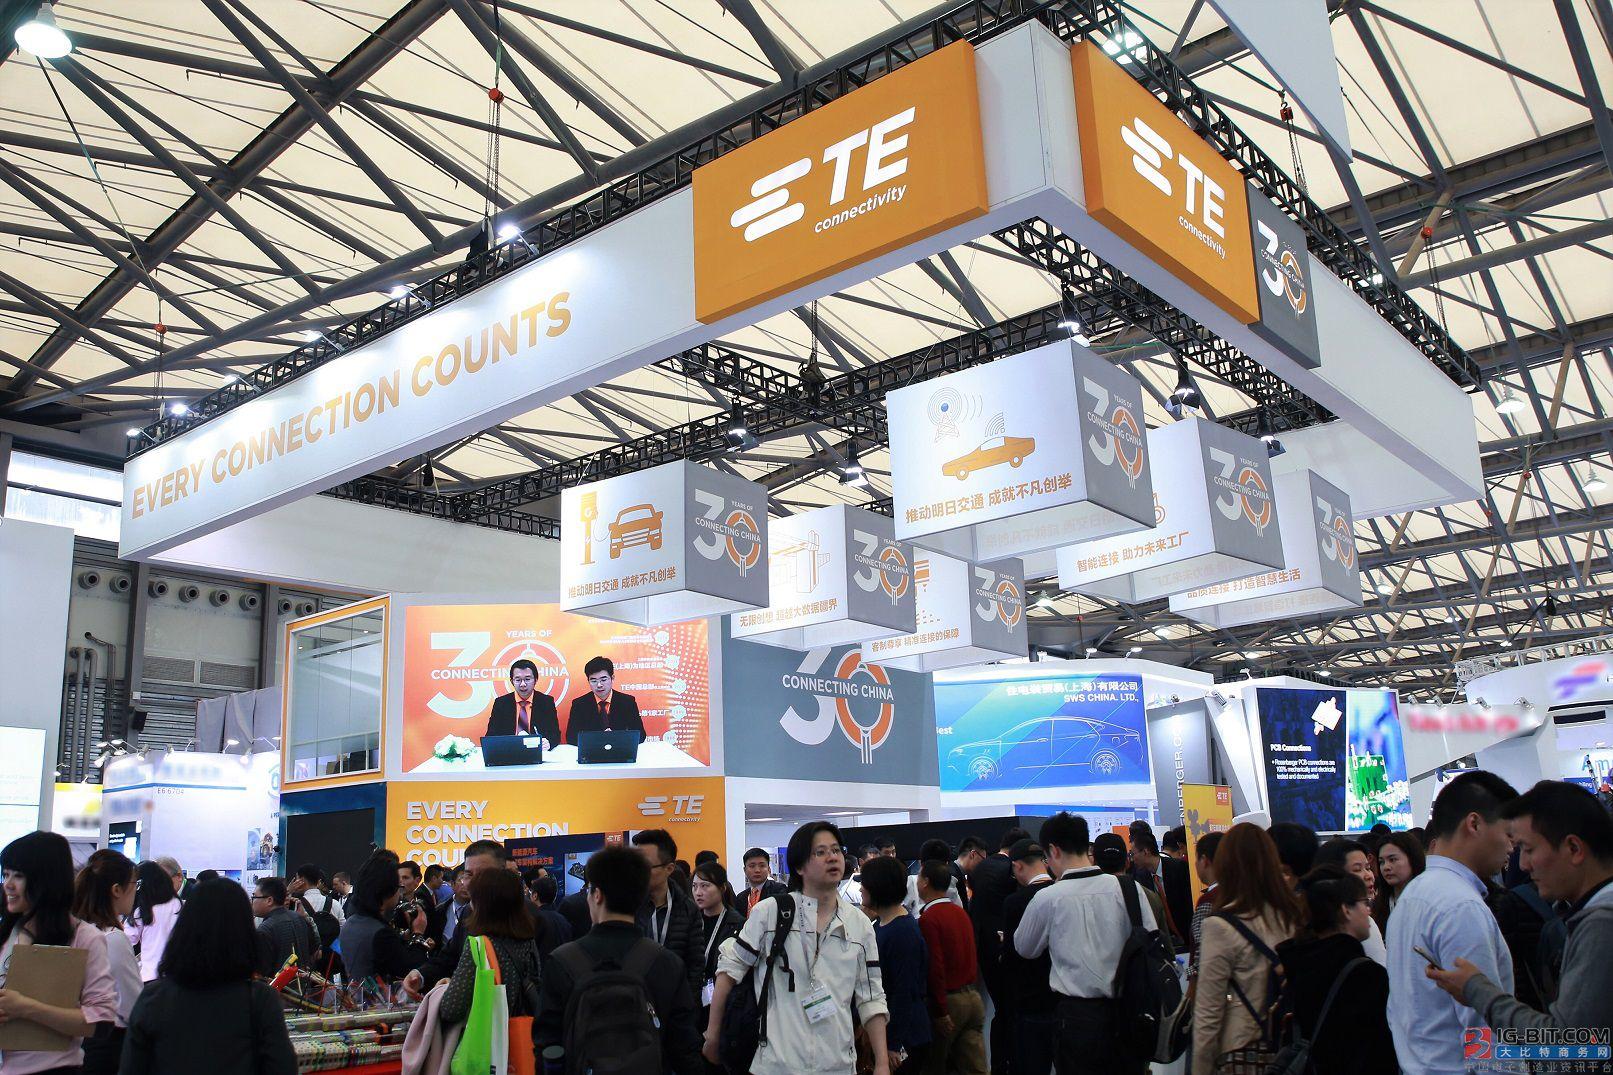 泰科电子(TE Connectivity)亮相2018慕尼黑上海电子展 以创新科技连动中国